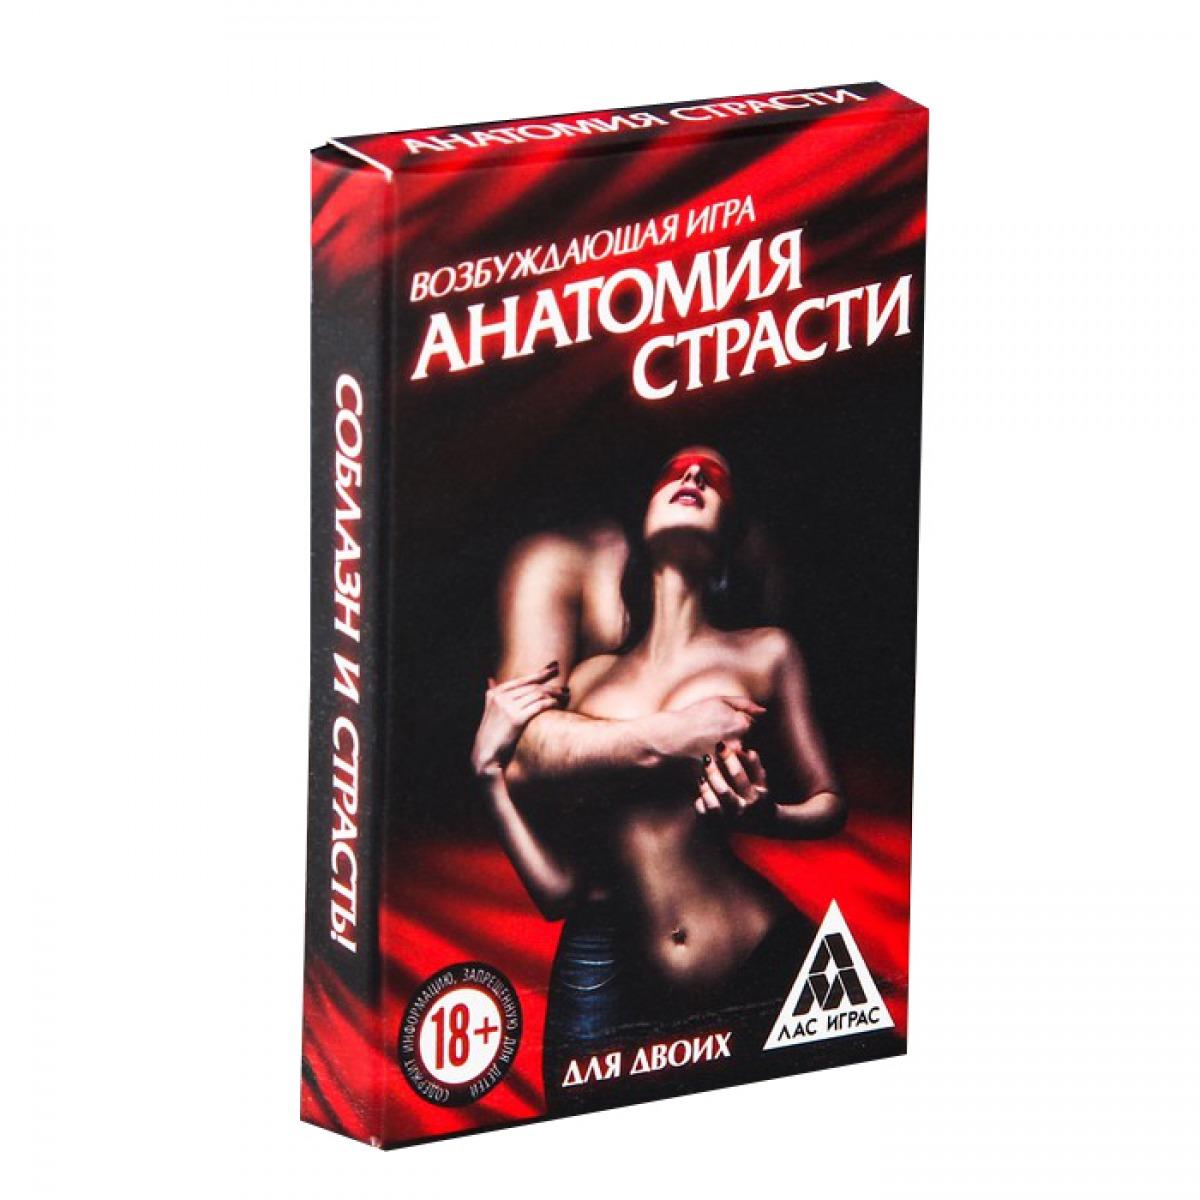 intim-igri-v-pitere-zhestkiy-seks-s-damami-balzakovskogo-vozrasta